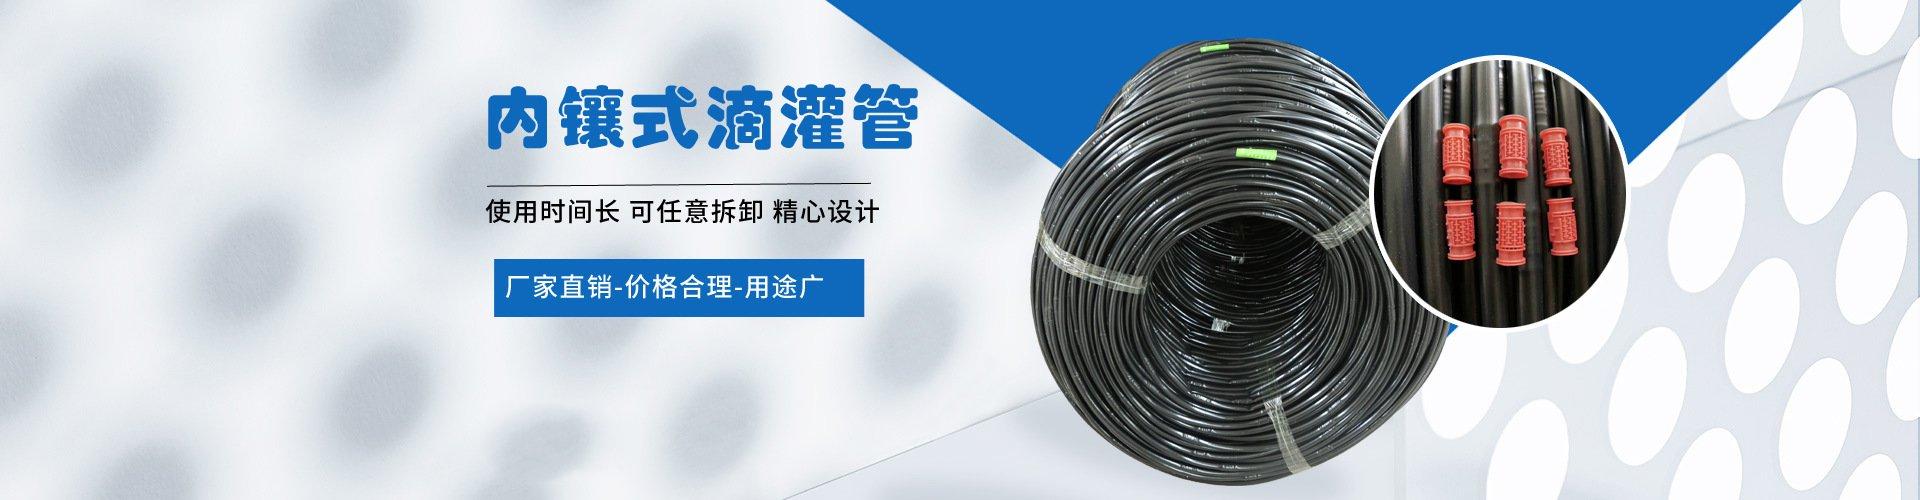 山东兴河节水灌溉科技有限公司